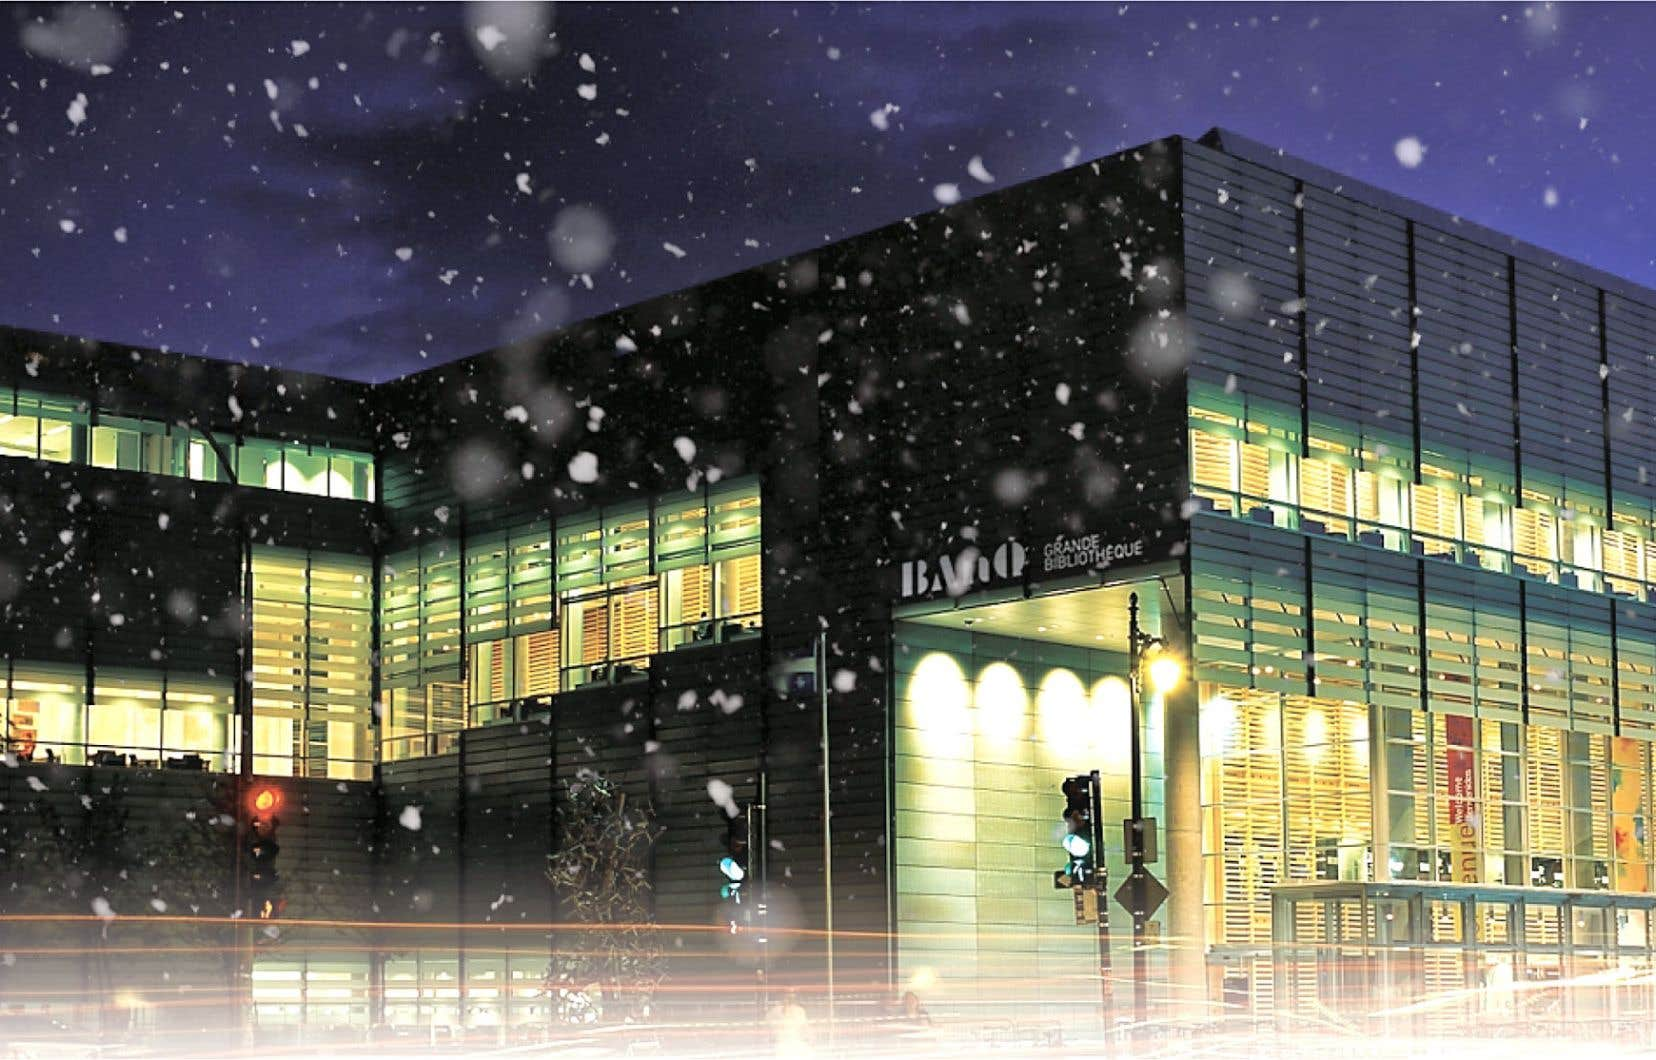 L'Auditorium de la Grande Bibliothèque sera le siège de deux spectacles pour les enfants durant le mois de décembre.